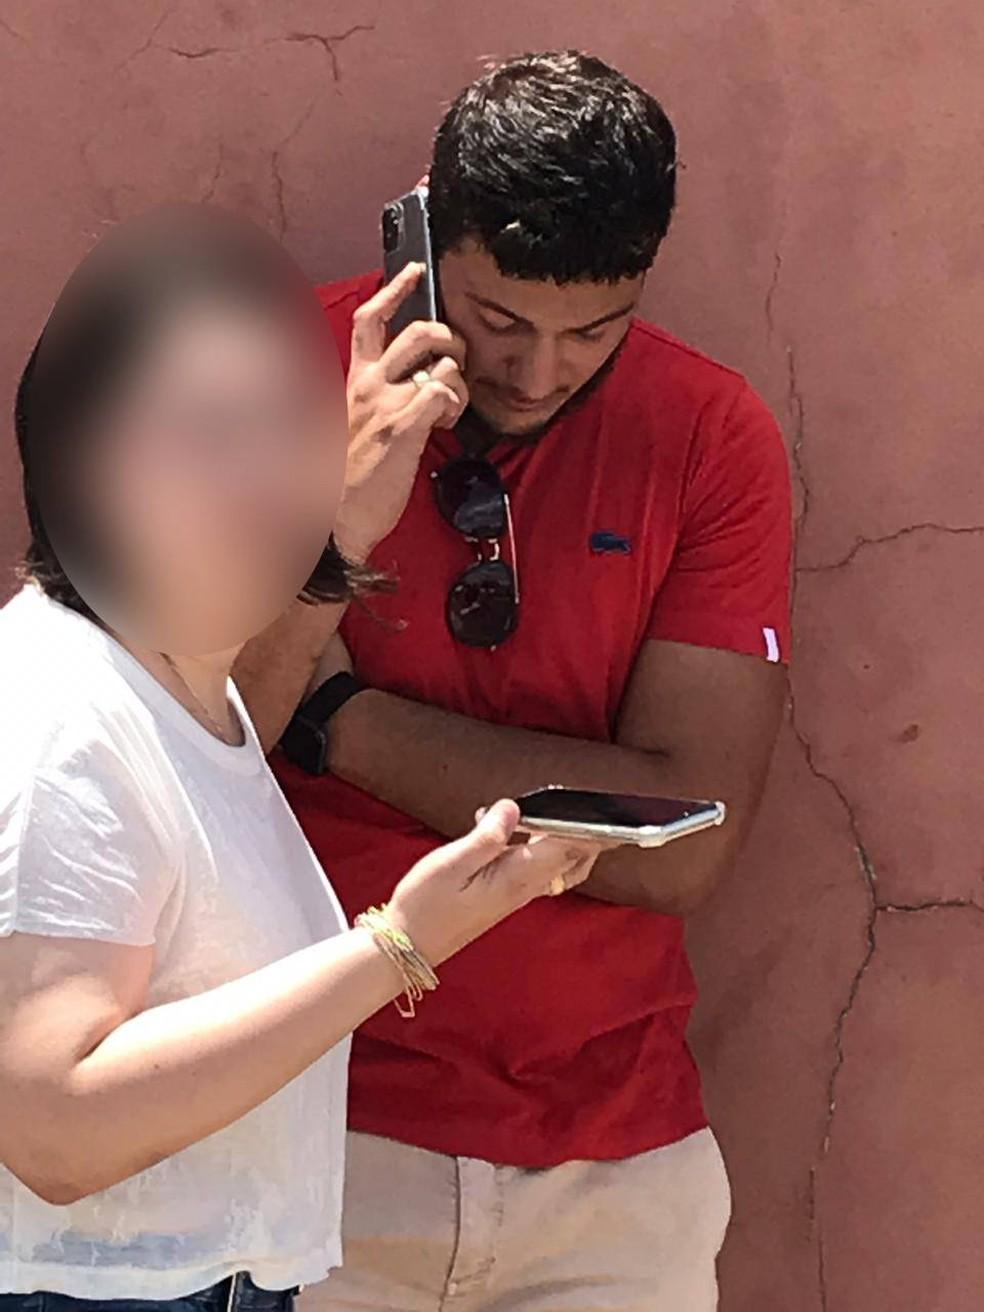 Wesley Patrick VillasBoas de Souza, 23 anos, foi preso suspeito de atropelar e matar 2 crianças em Cuiabá — Foto: TV Centro América/Reprodução